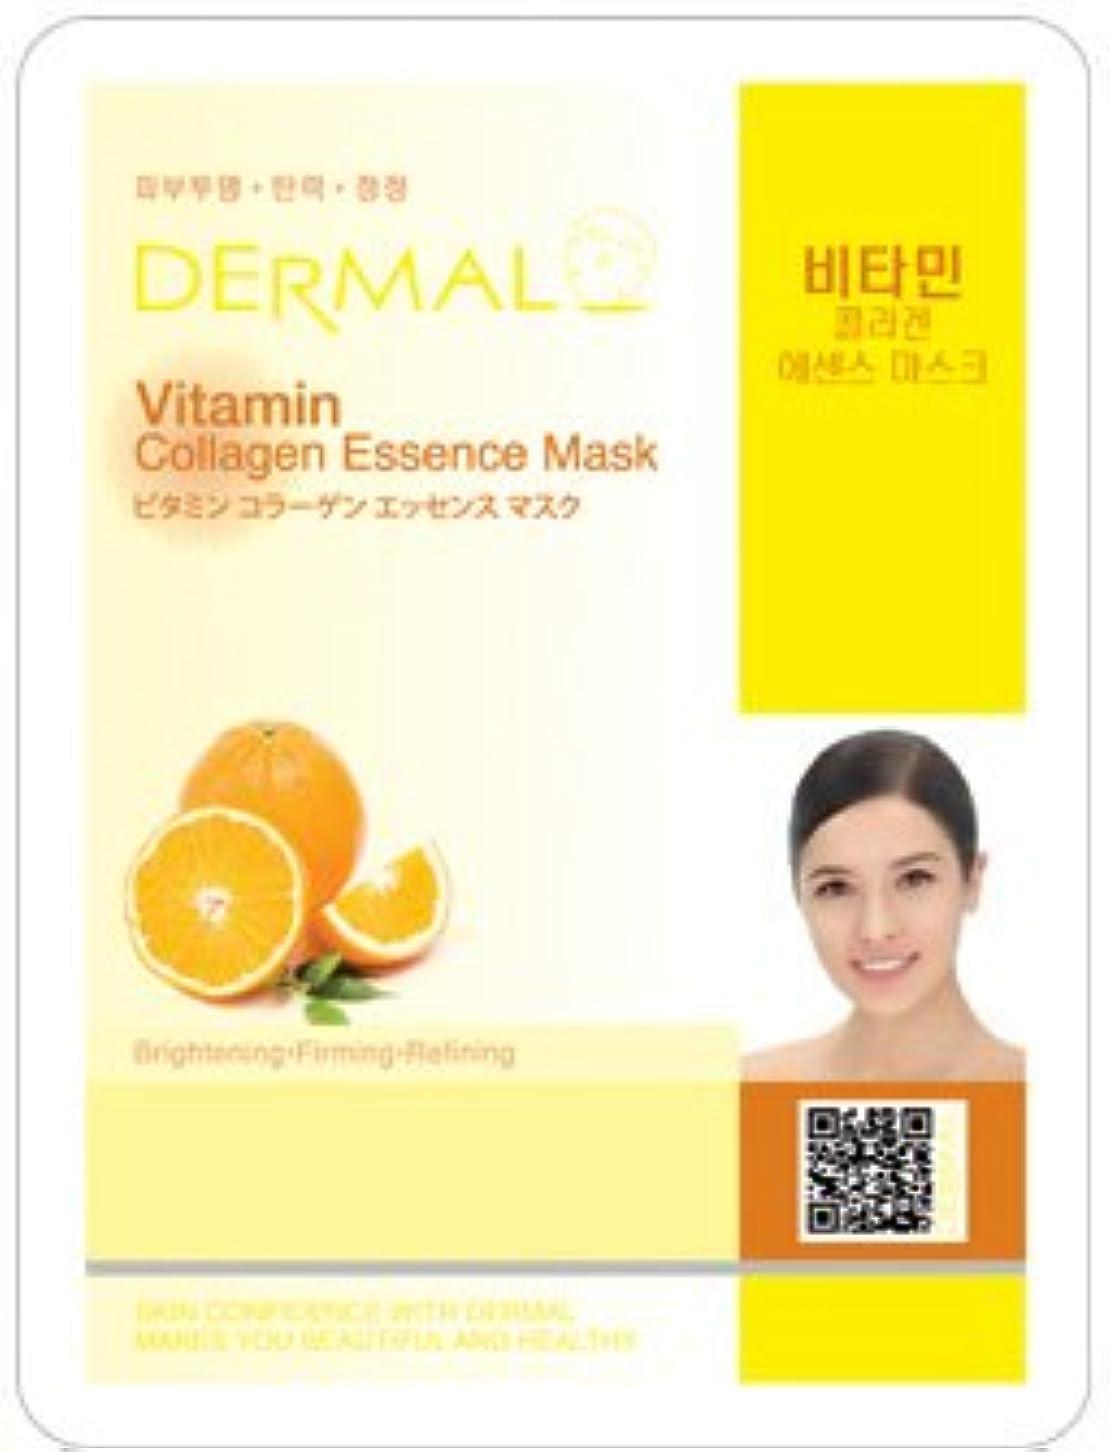 役立つ平和的惨めなシートマスク ビタミン 10枚セット ダーマル(Dermal) フェイス パック